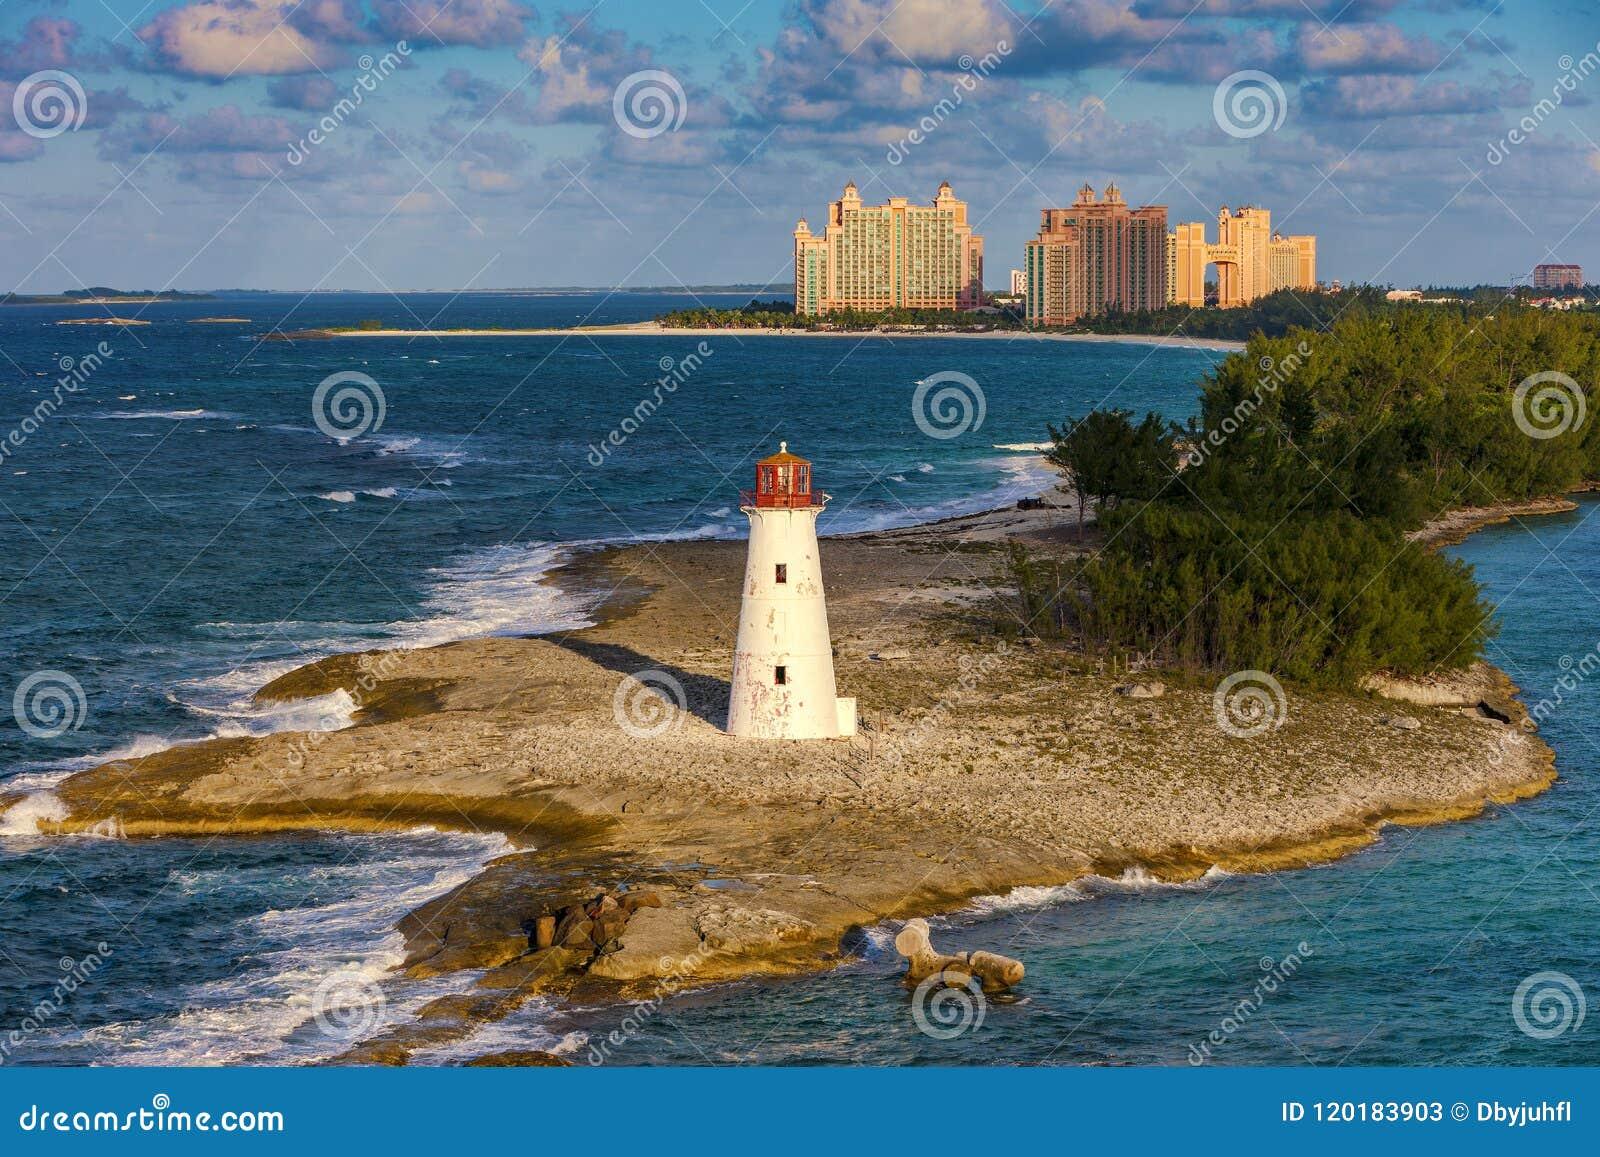 Φάρος στο νησί παραδείσου, Μπαχάμες